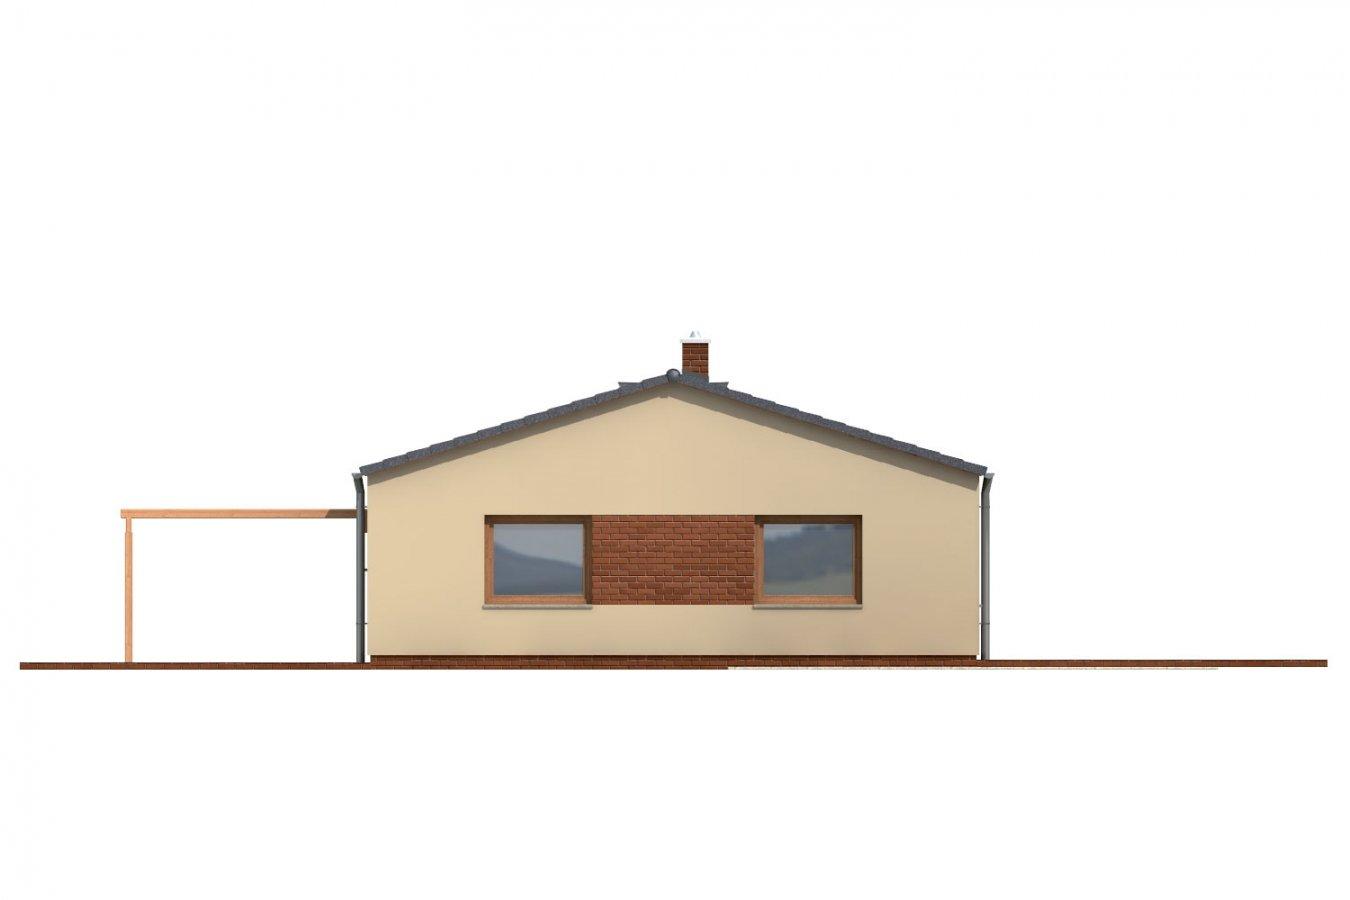 Pohľad 2. - Jednoduchý úzky 4-izbový rodinný dom.